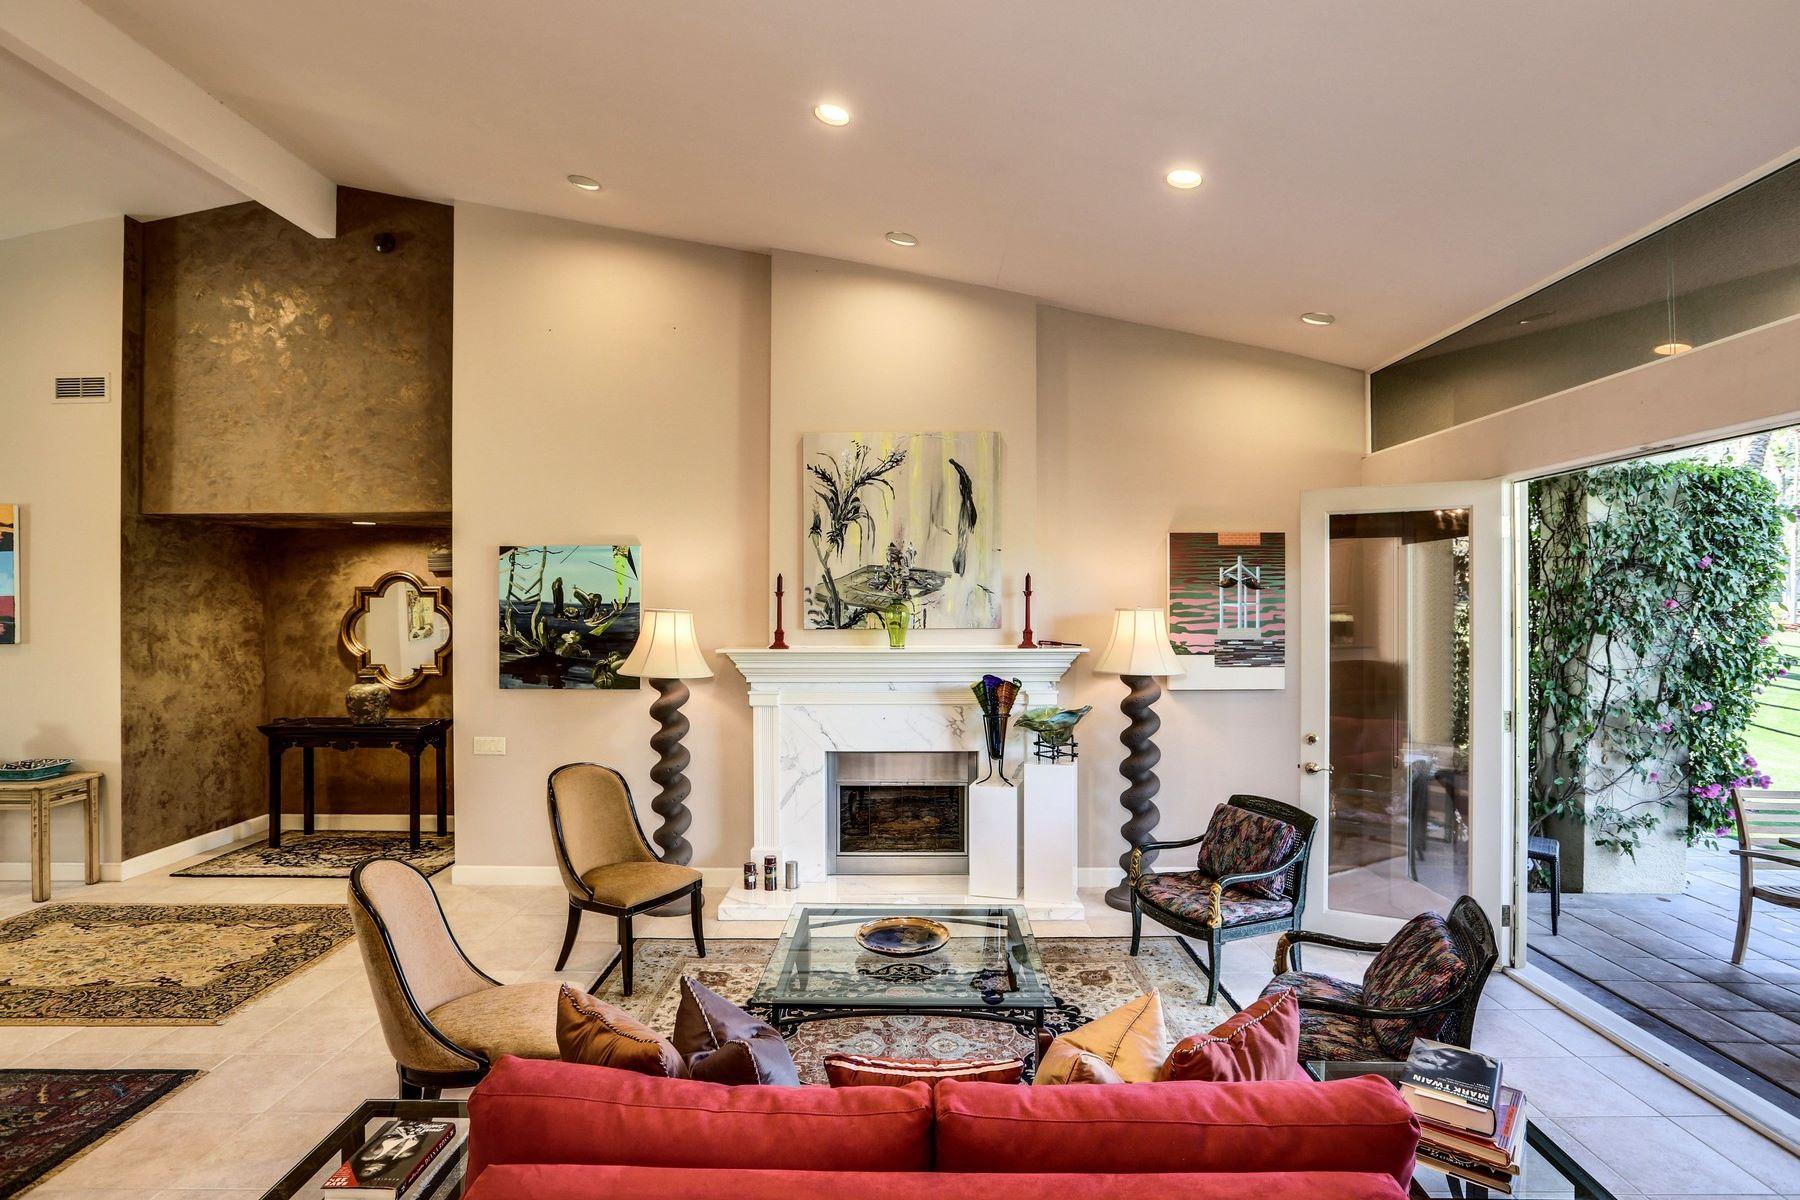 独户住宅 为 销售 在 75804 Vista Del Rey Indian Wells, 加利福尼亚州, 92210 美国